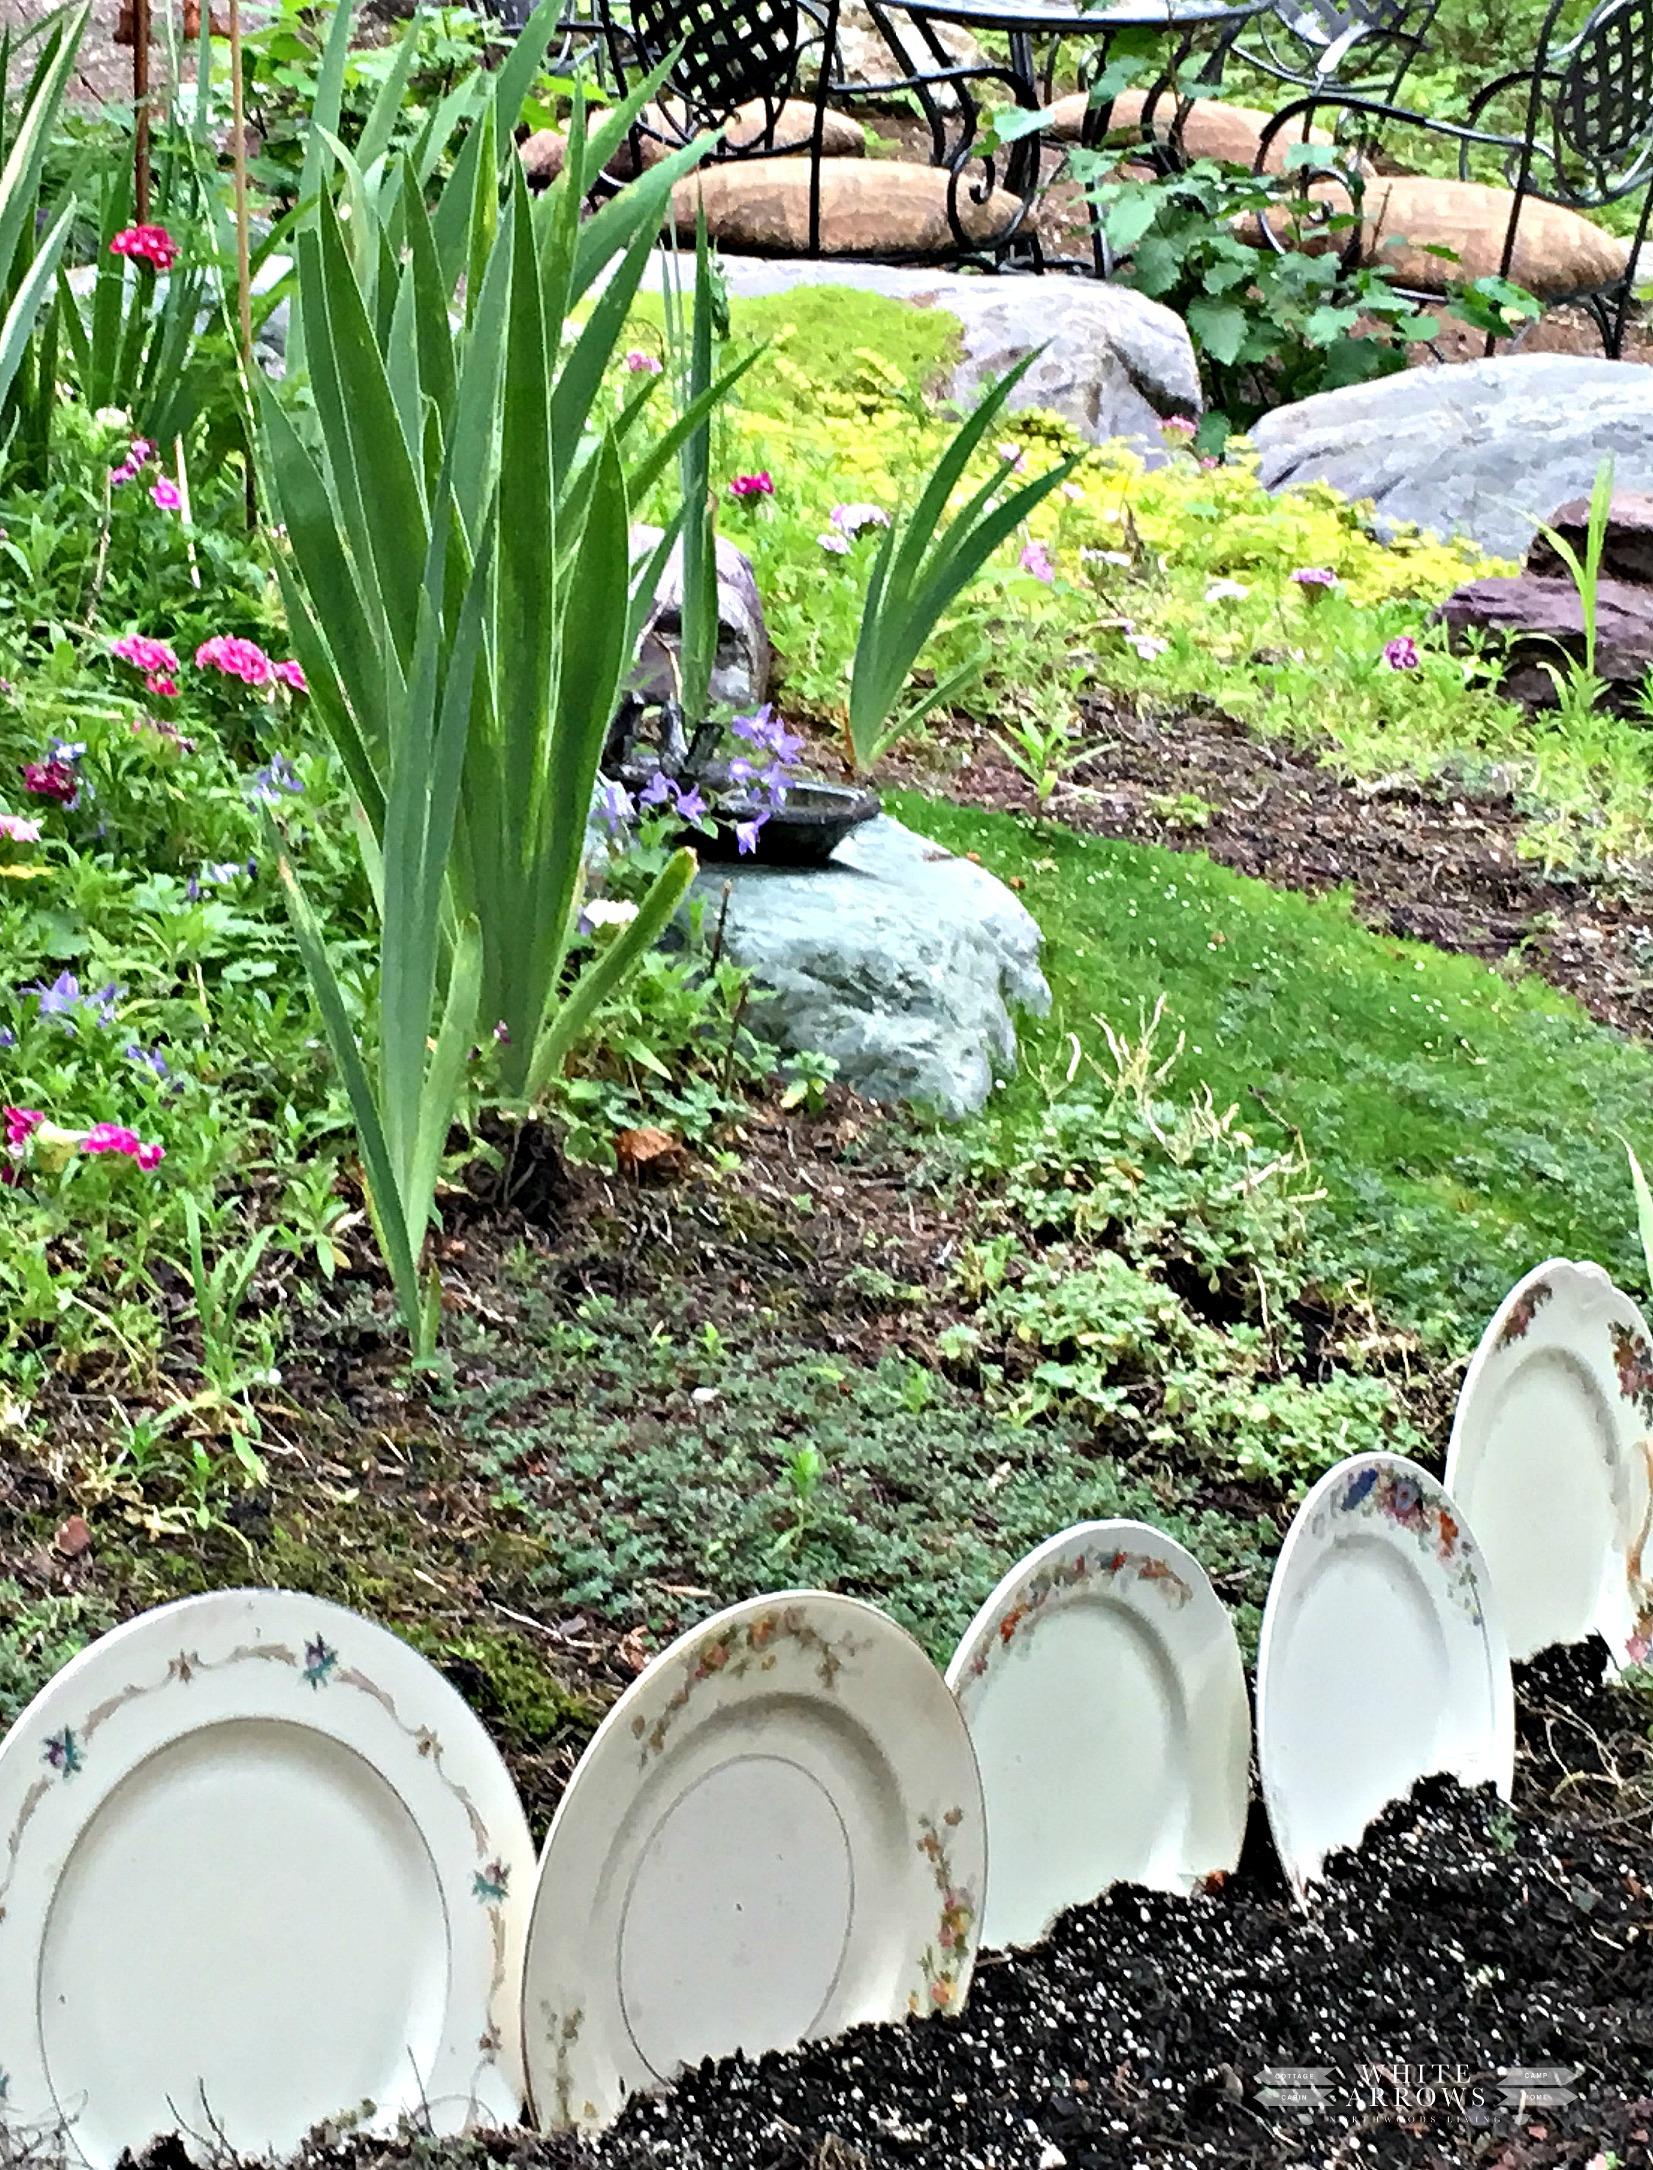 vintage, vintage dishes, vintage garden, garden art, garden decor